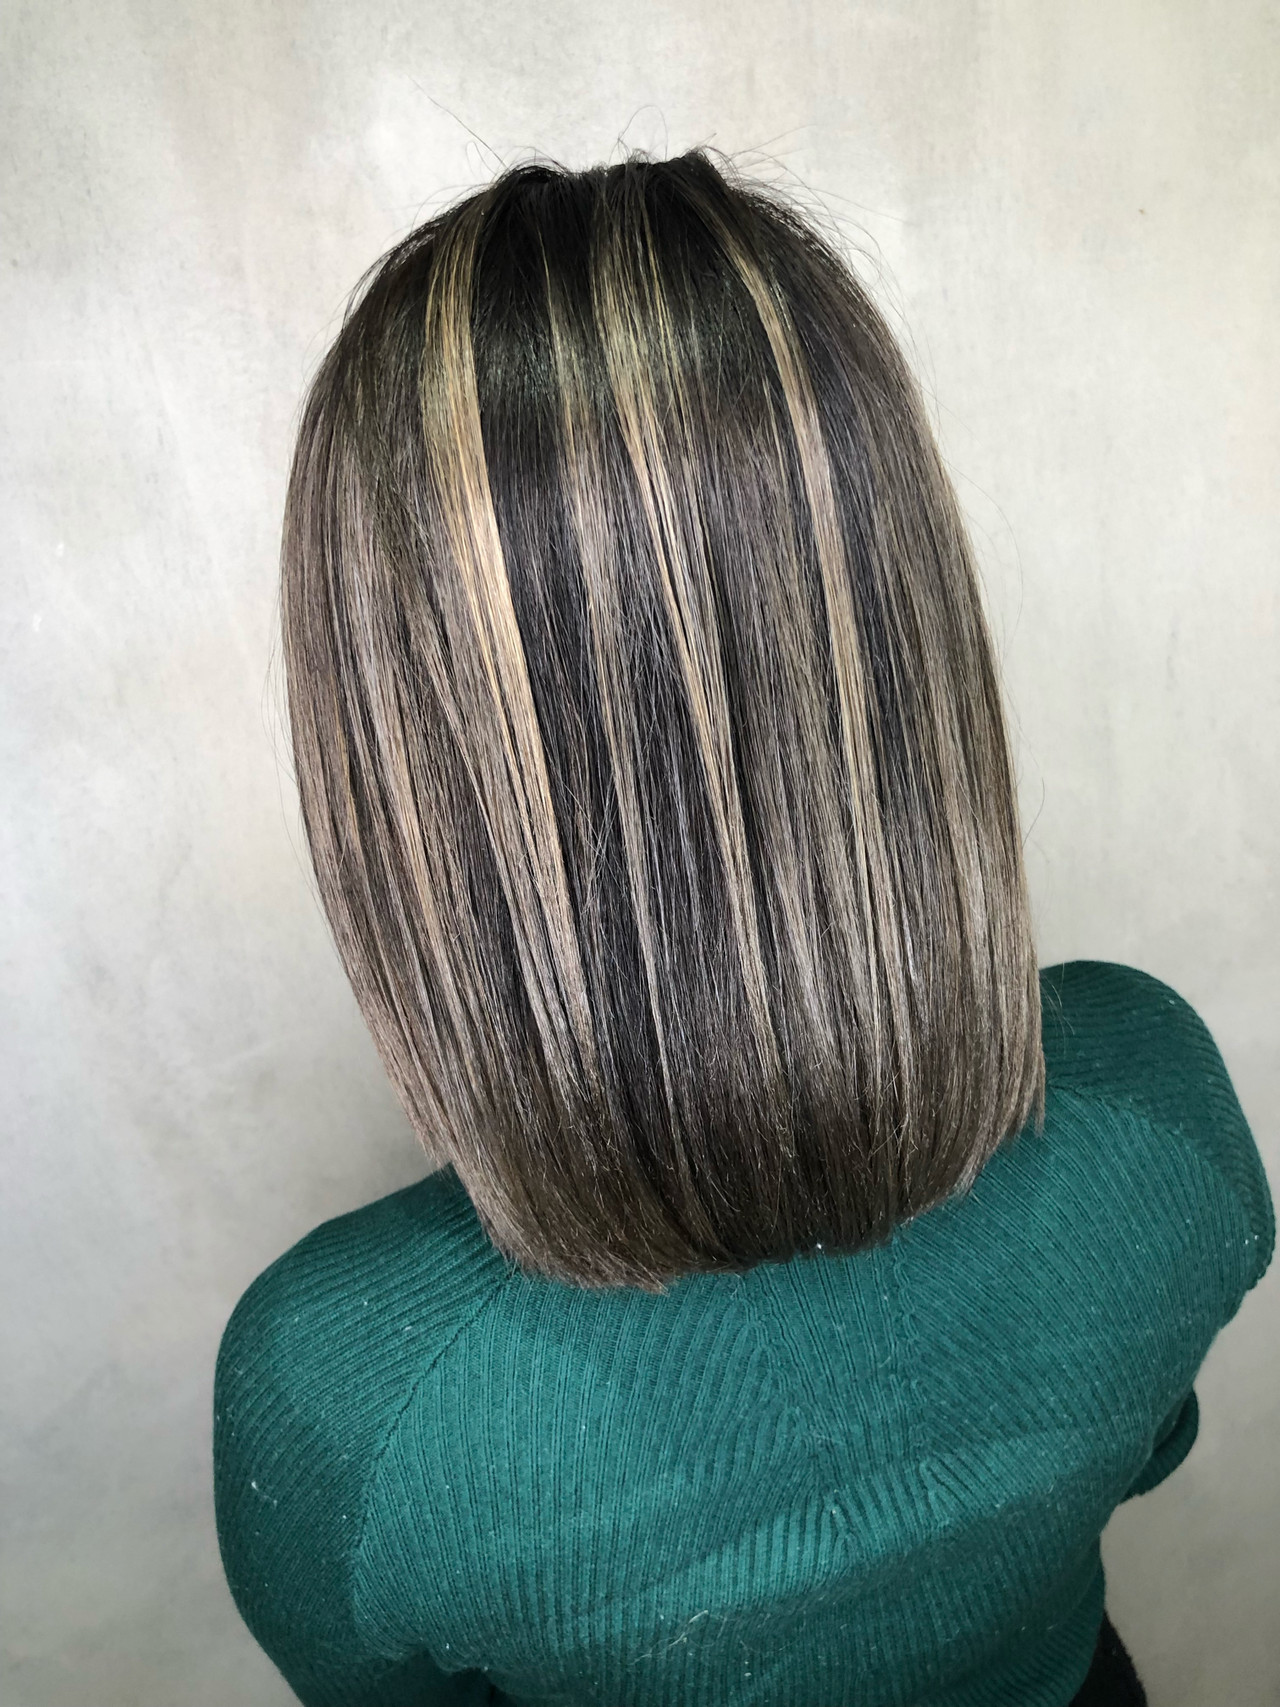 グレージュ ボブ ナチュラル グラデーションカラー ヘアスタイルや髪型の写真・画像   筒井 隆由 / Hair salon mode